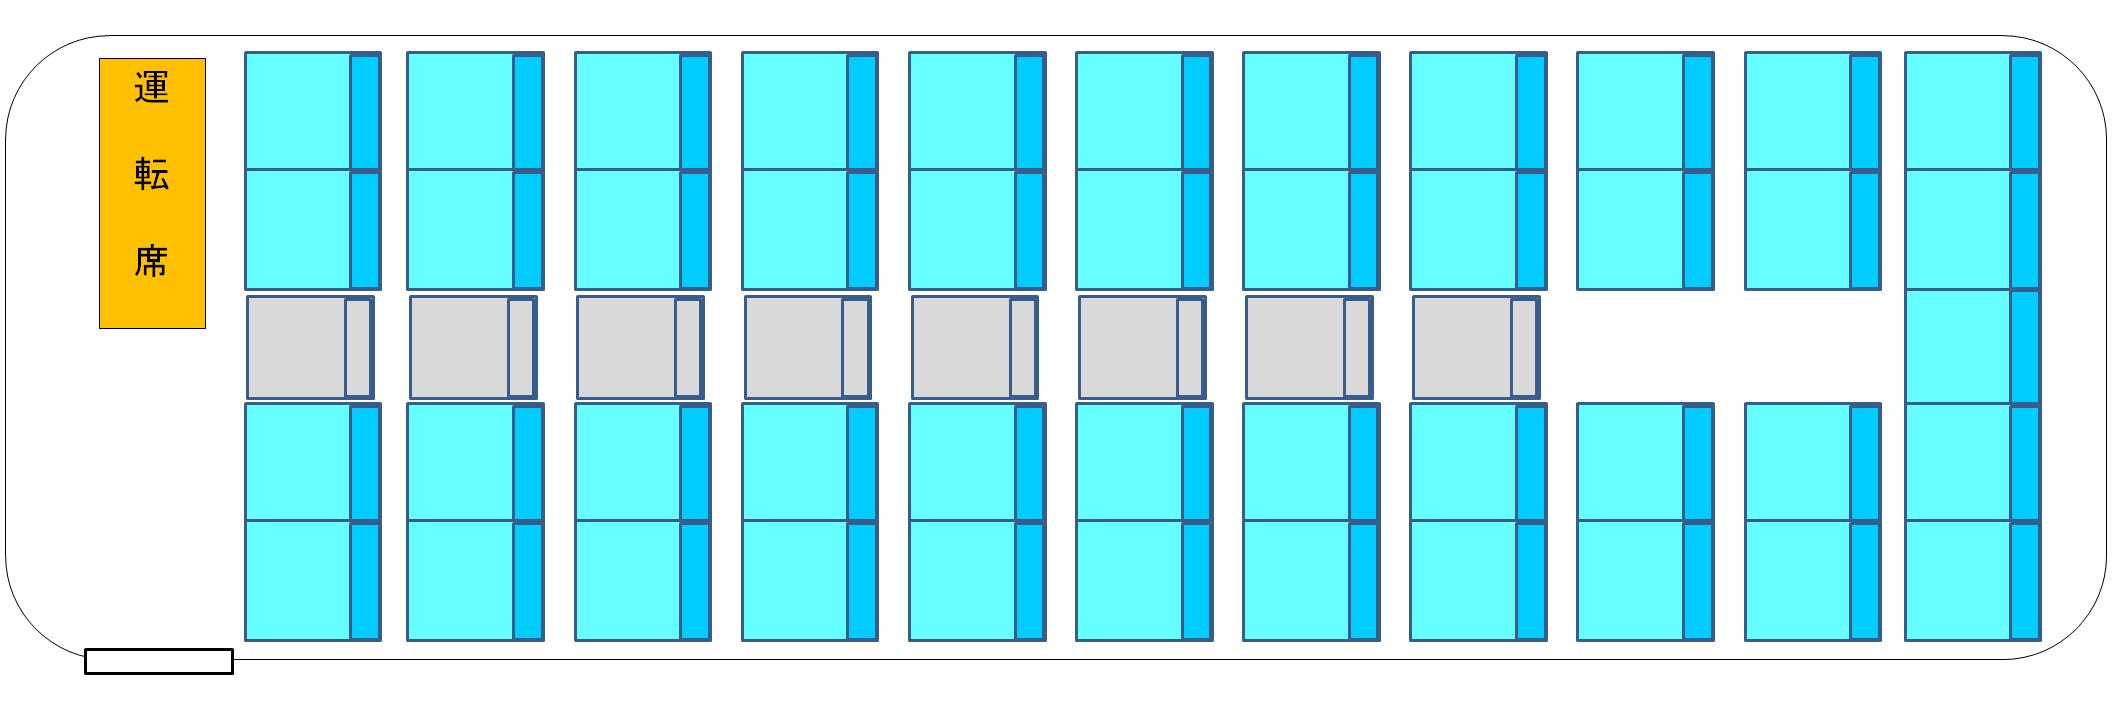 large_sheet03.png